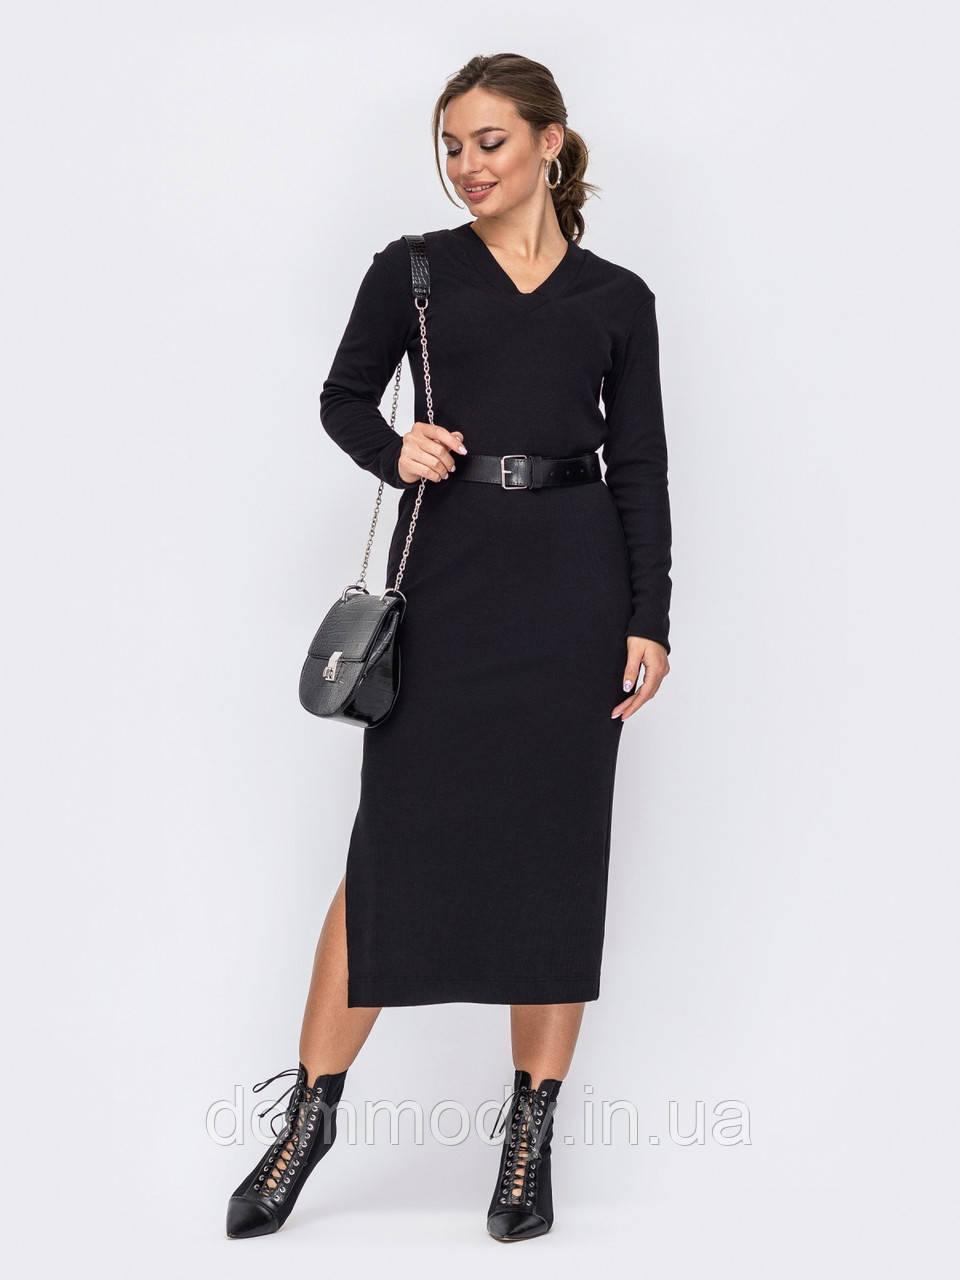 Платье женское Simple elegance black